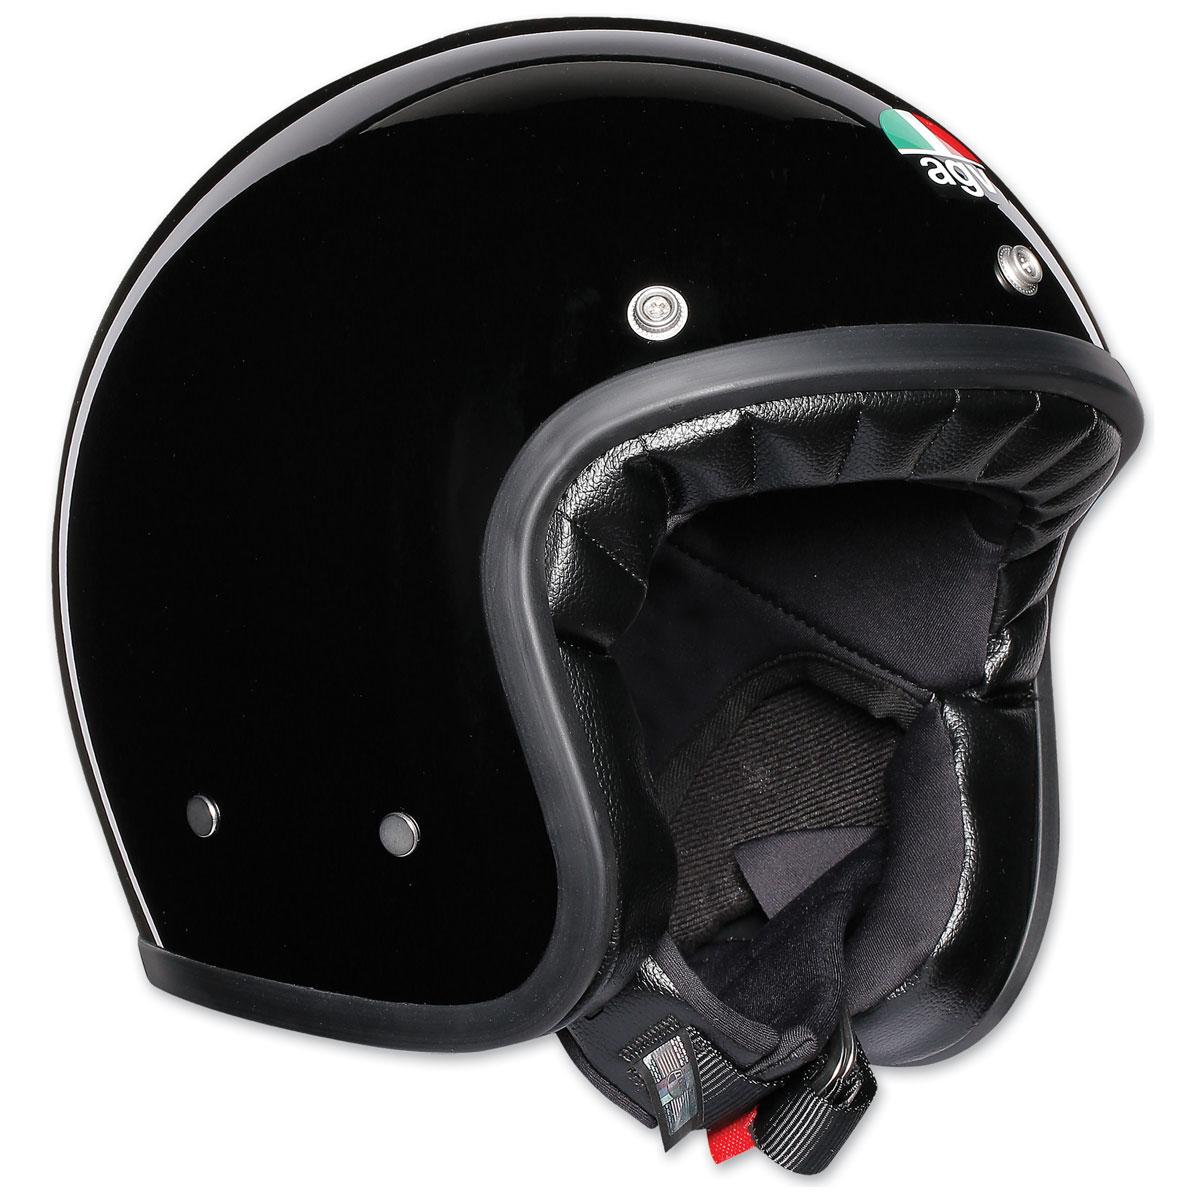 AGV X70 Gloss Black Open Face Helmet